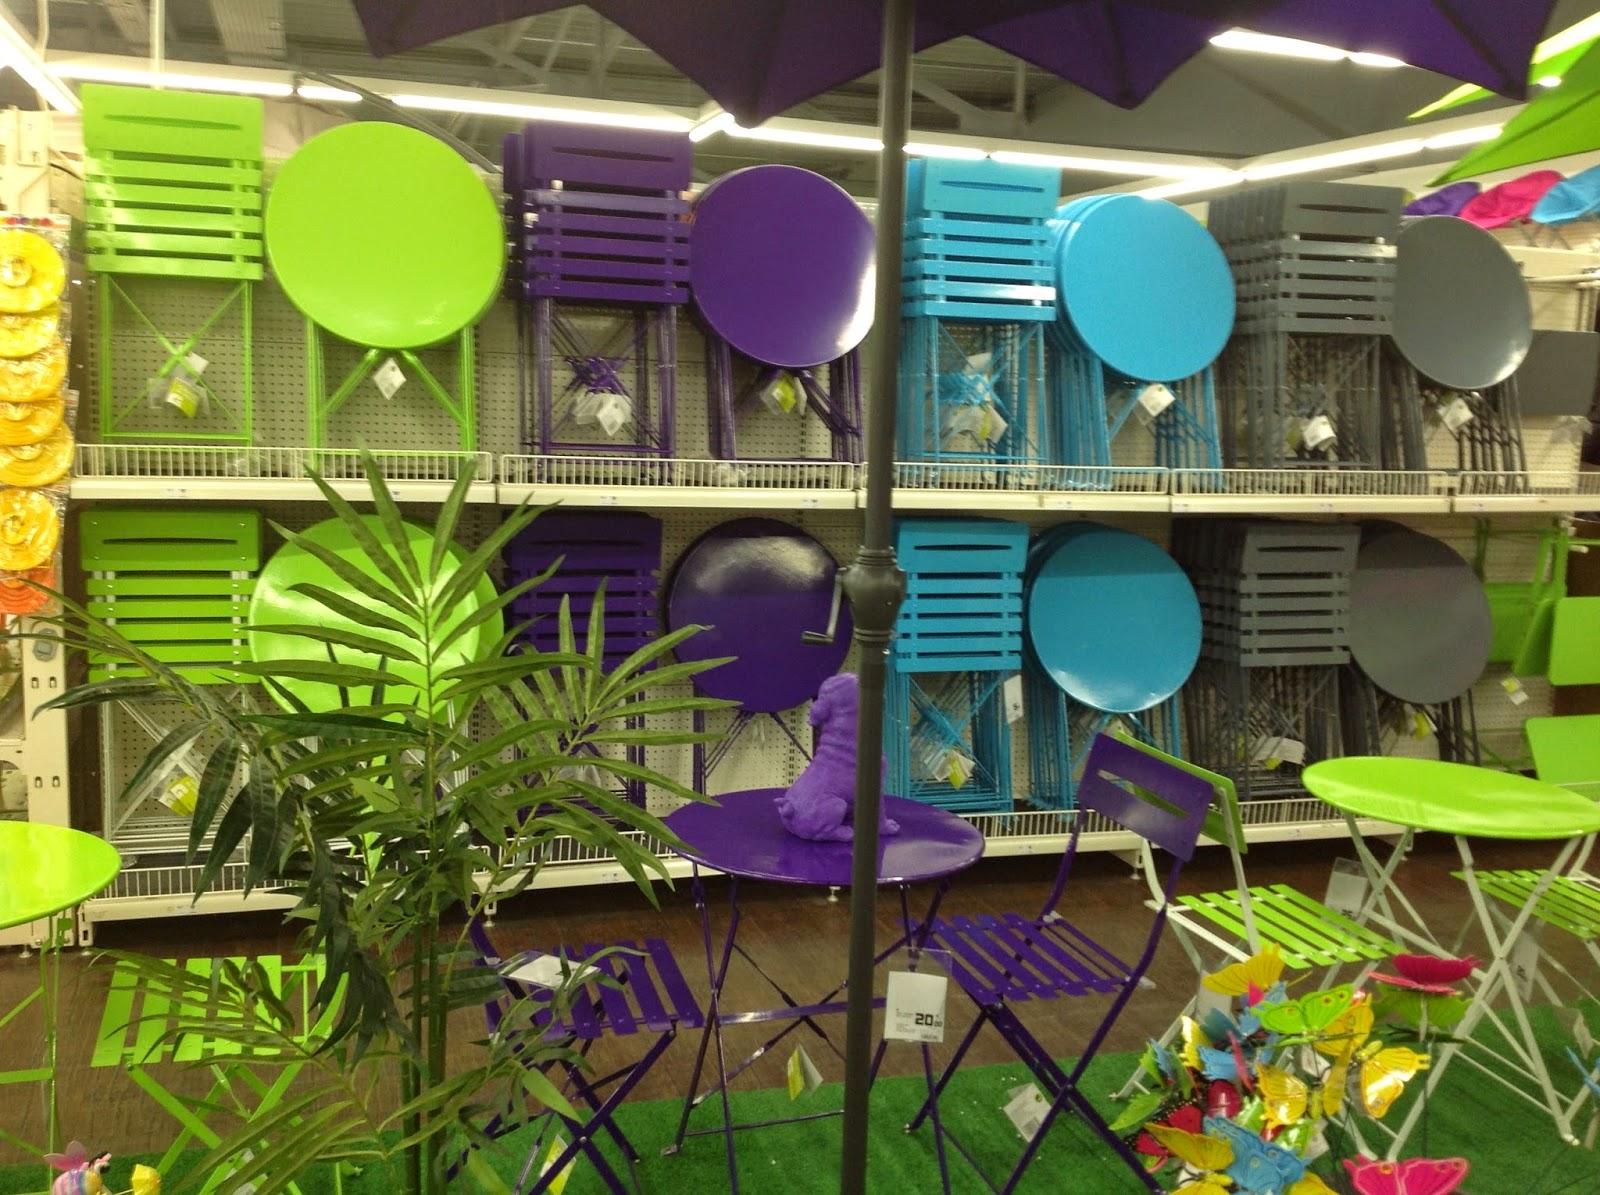 Table bois gifi - Salon de jardin gifi ...